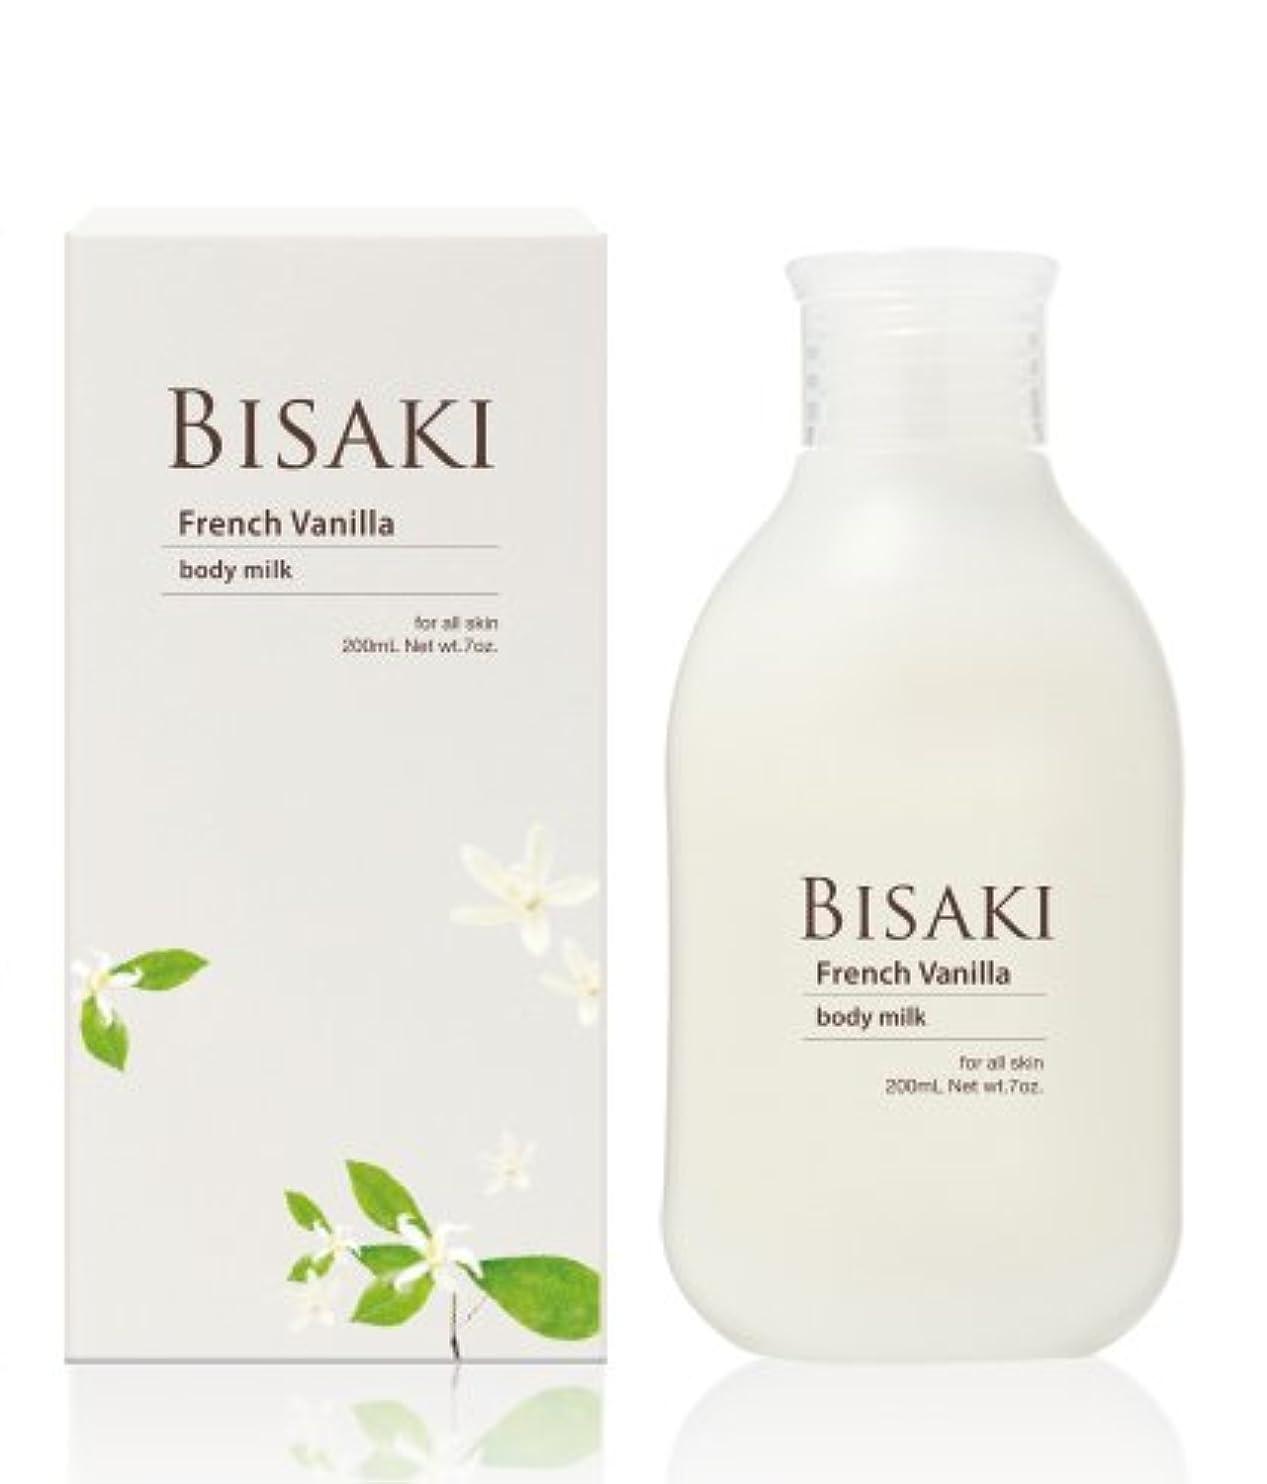 願望インペリアルサスペンドBISAKI ボディミルク フレンチバニラ 200mL